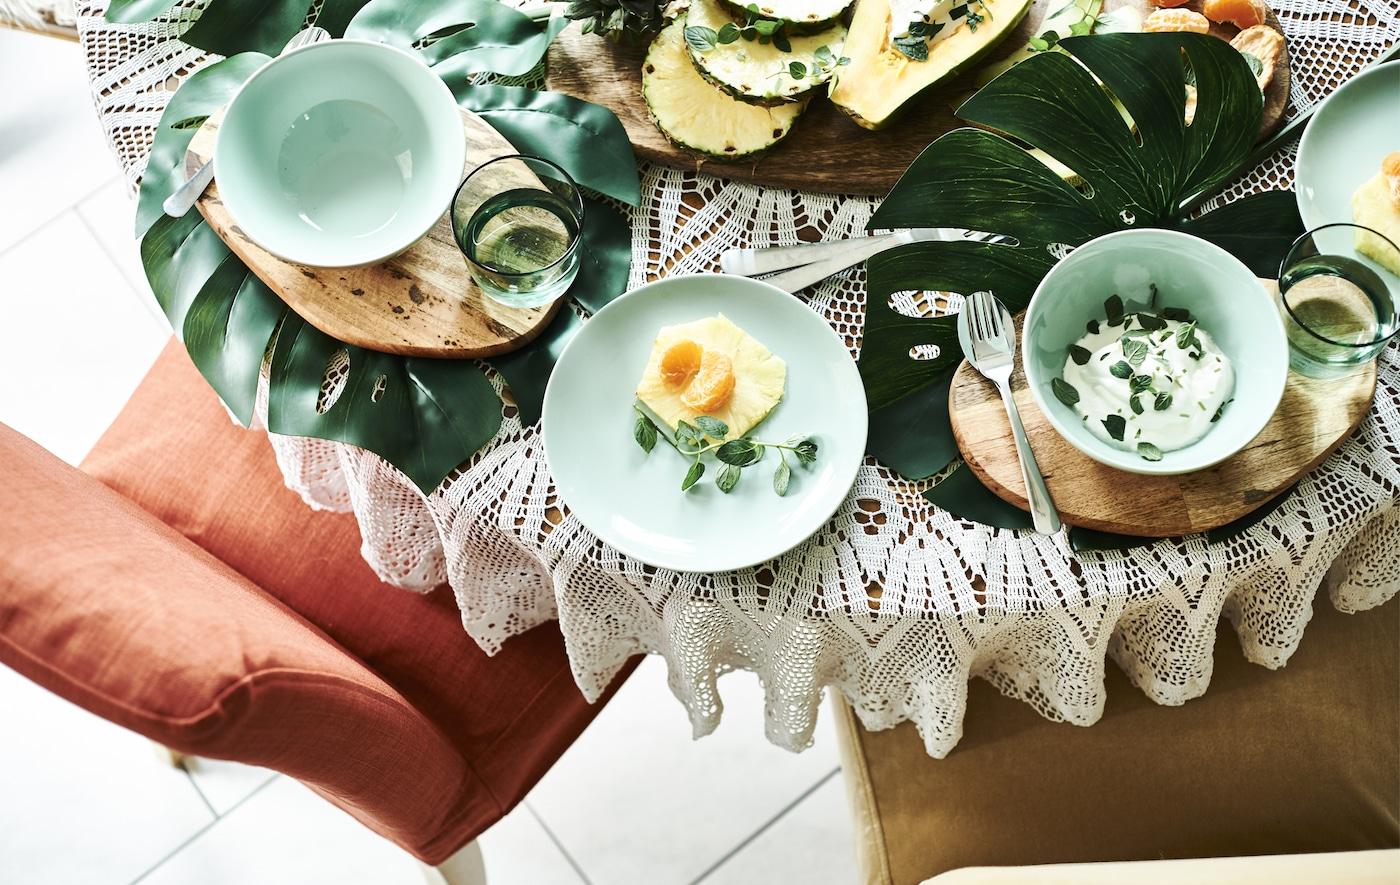 餐桌上摆放着大大的叶子、木板和绿色餐具,餐具里放着水果和酸奶。